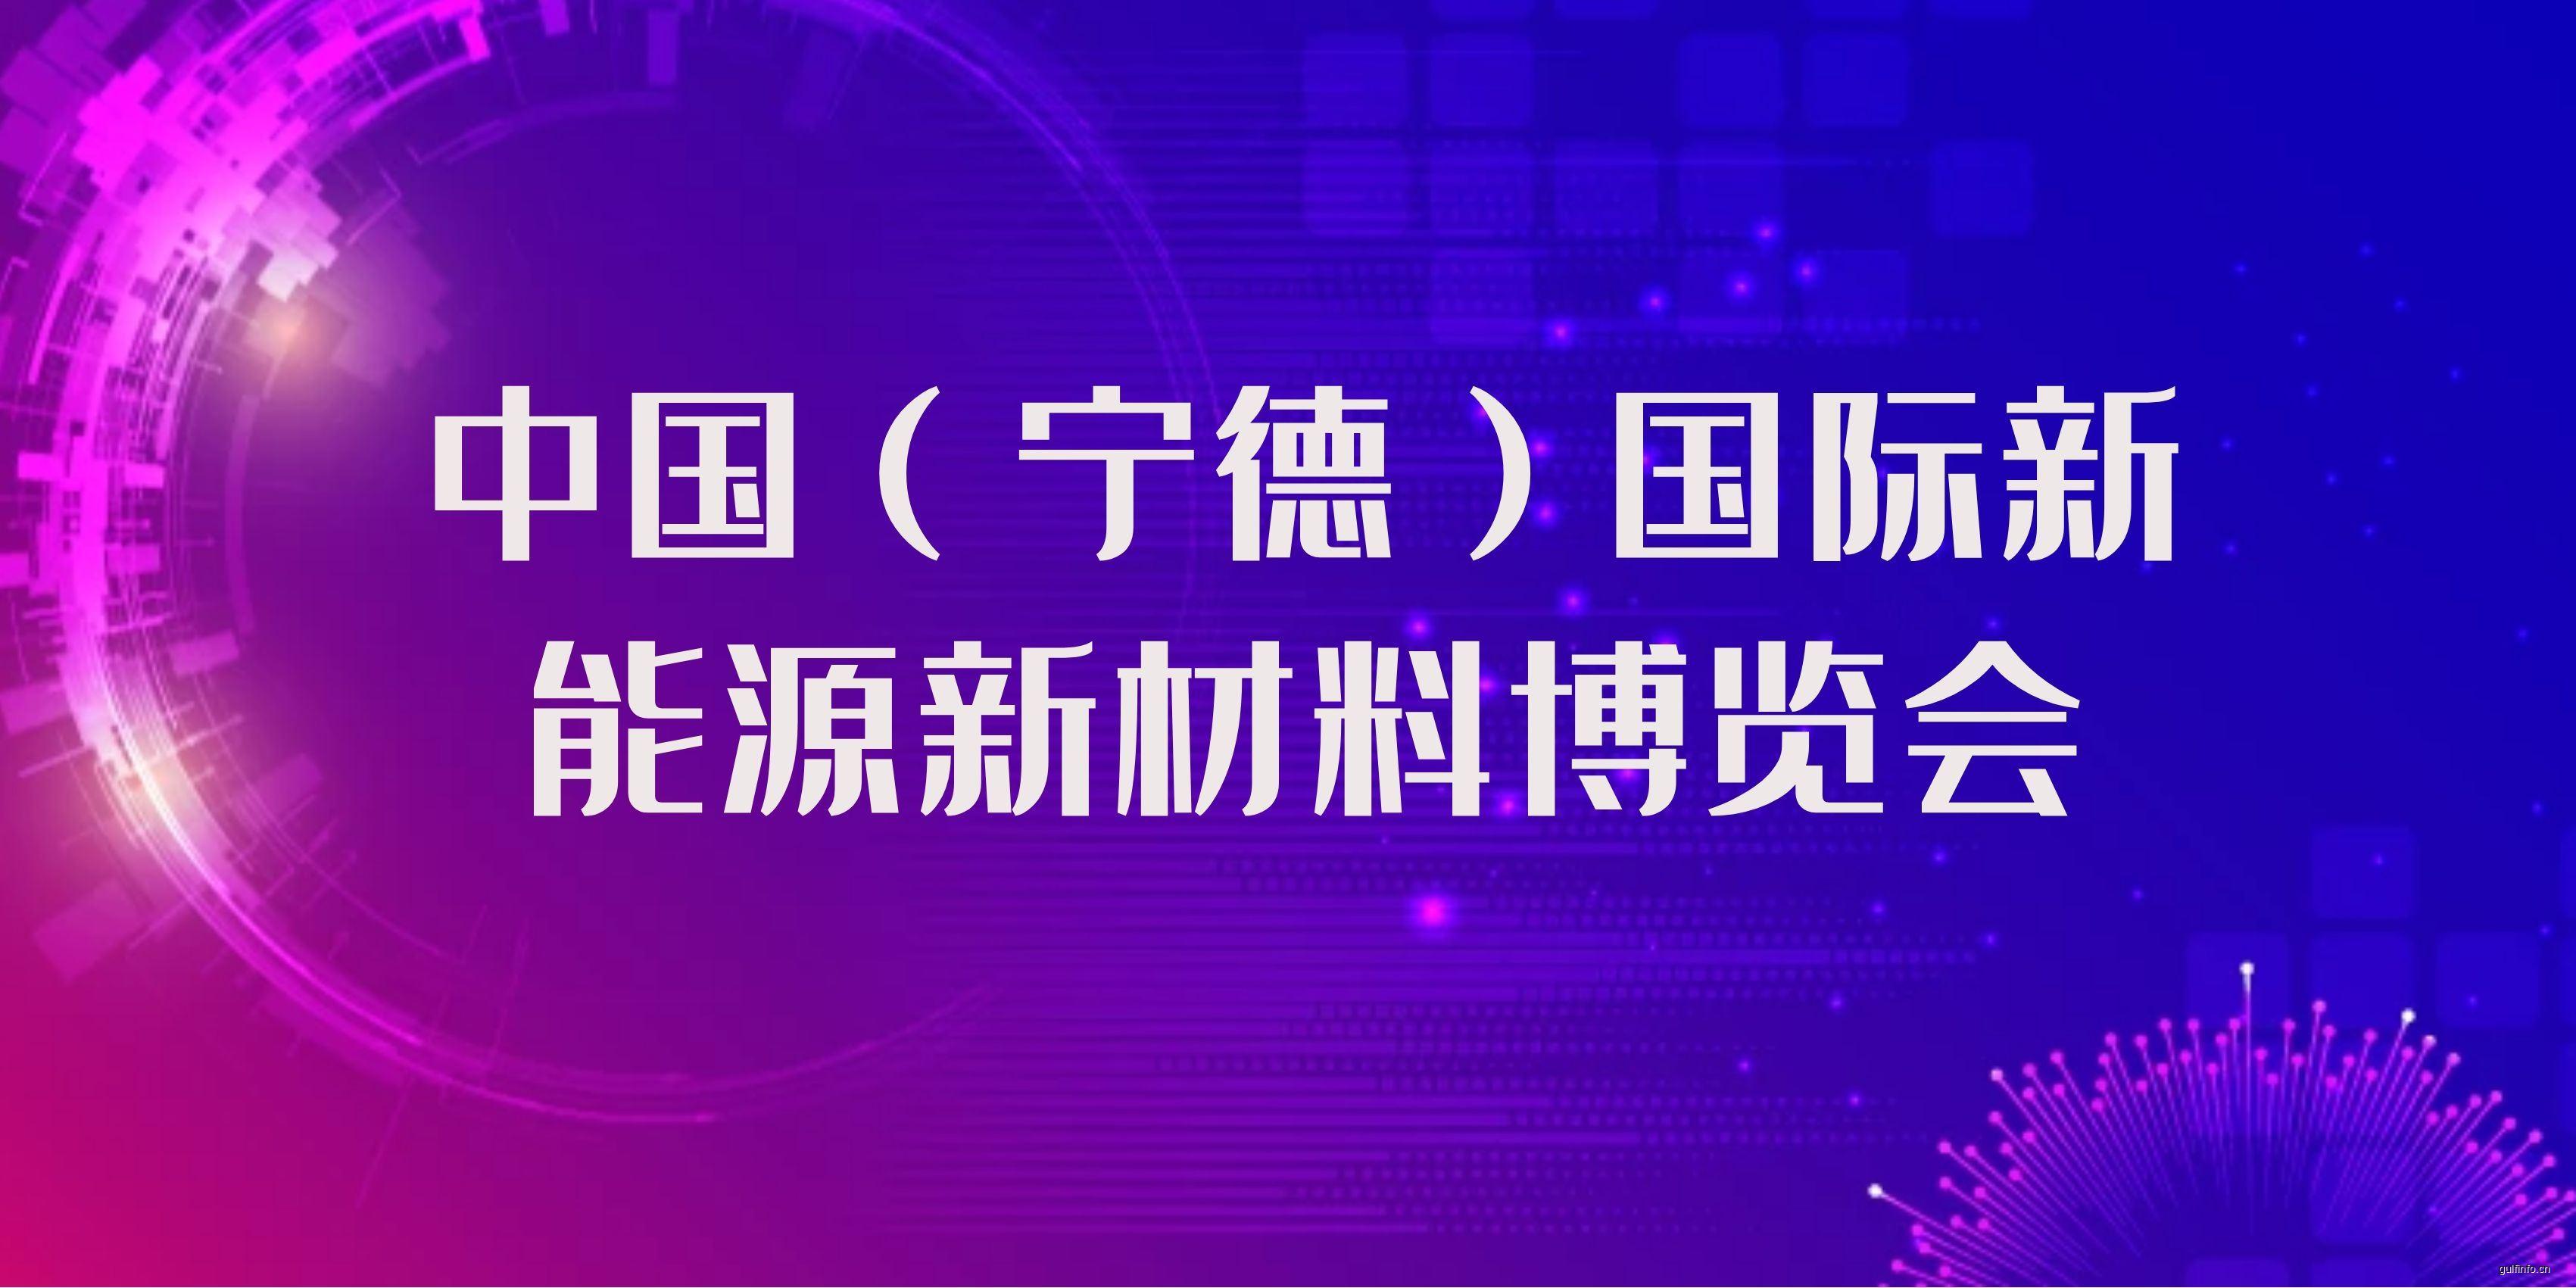 首届中国(宁德)国际新能源新材料博览会将于8月开幕